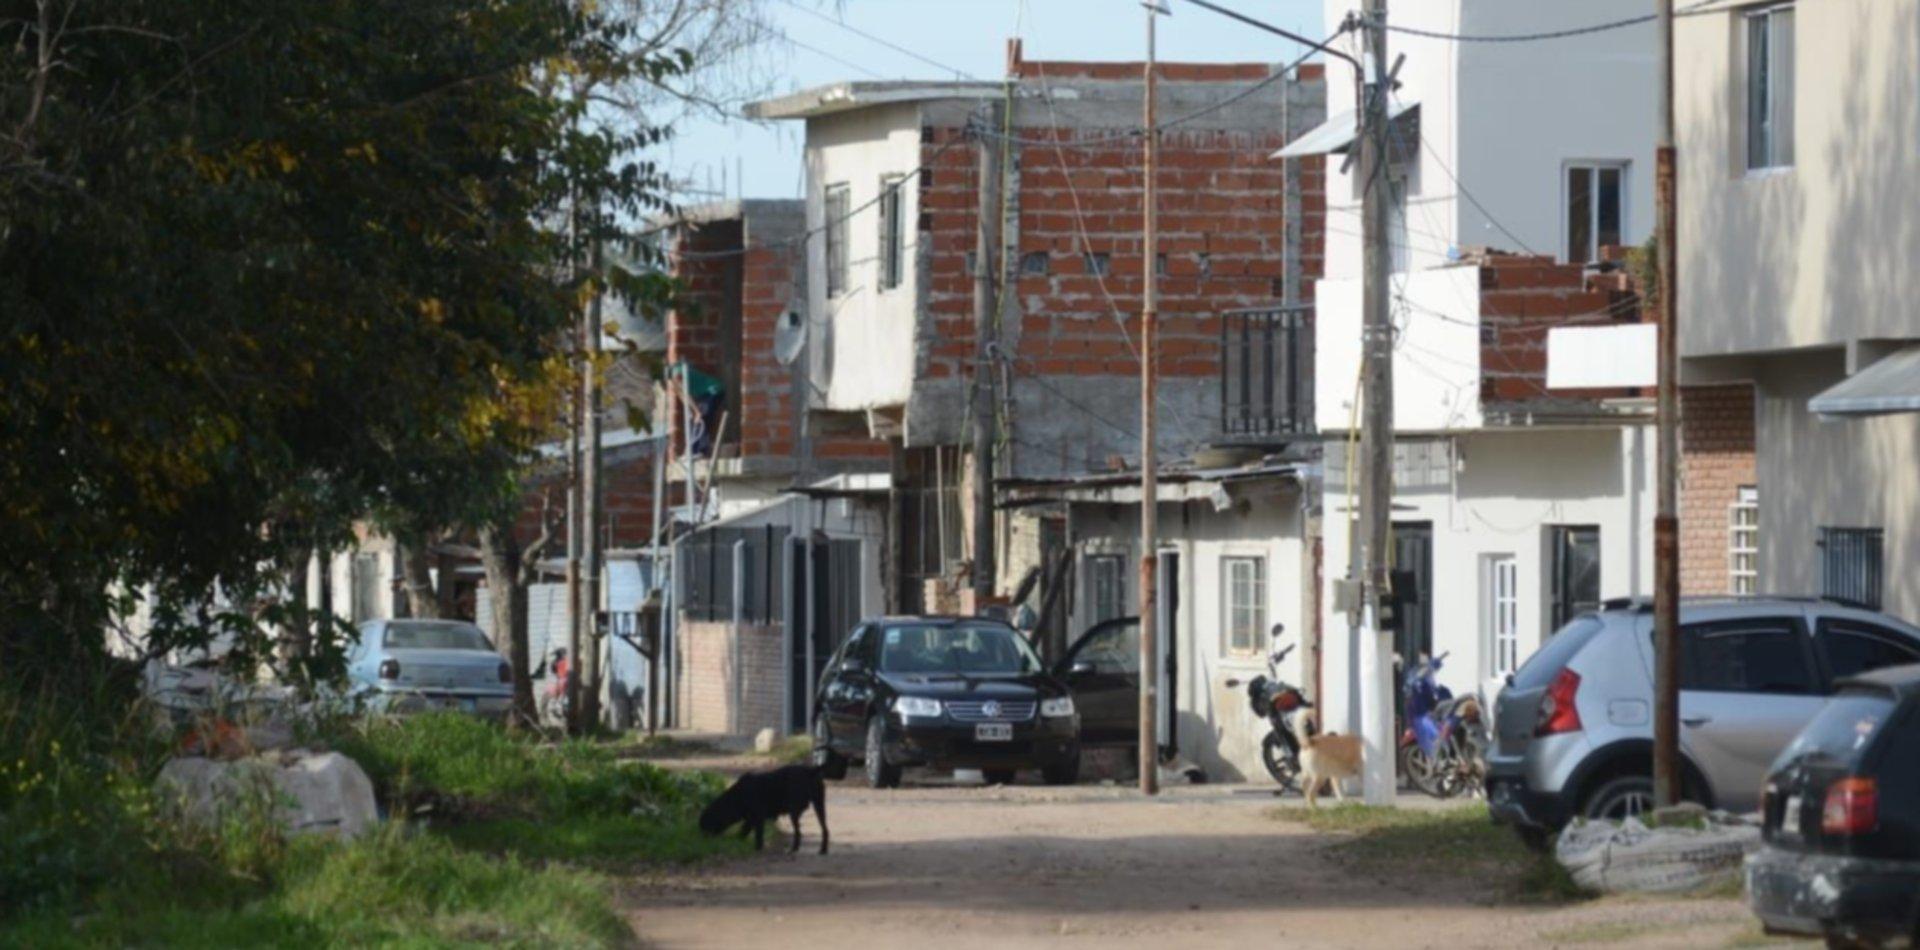 ¿Cómo es y quiénes viven en el barrio de Berisso y Ensenada donde se disparó el COVID-19?